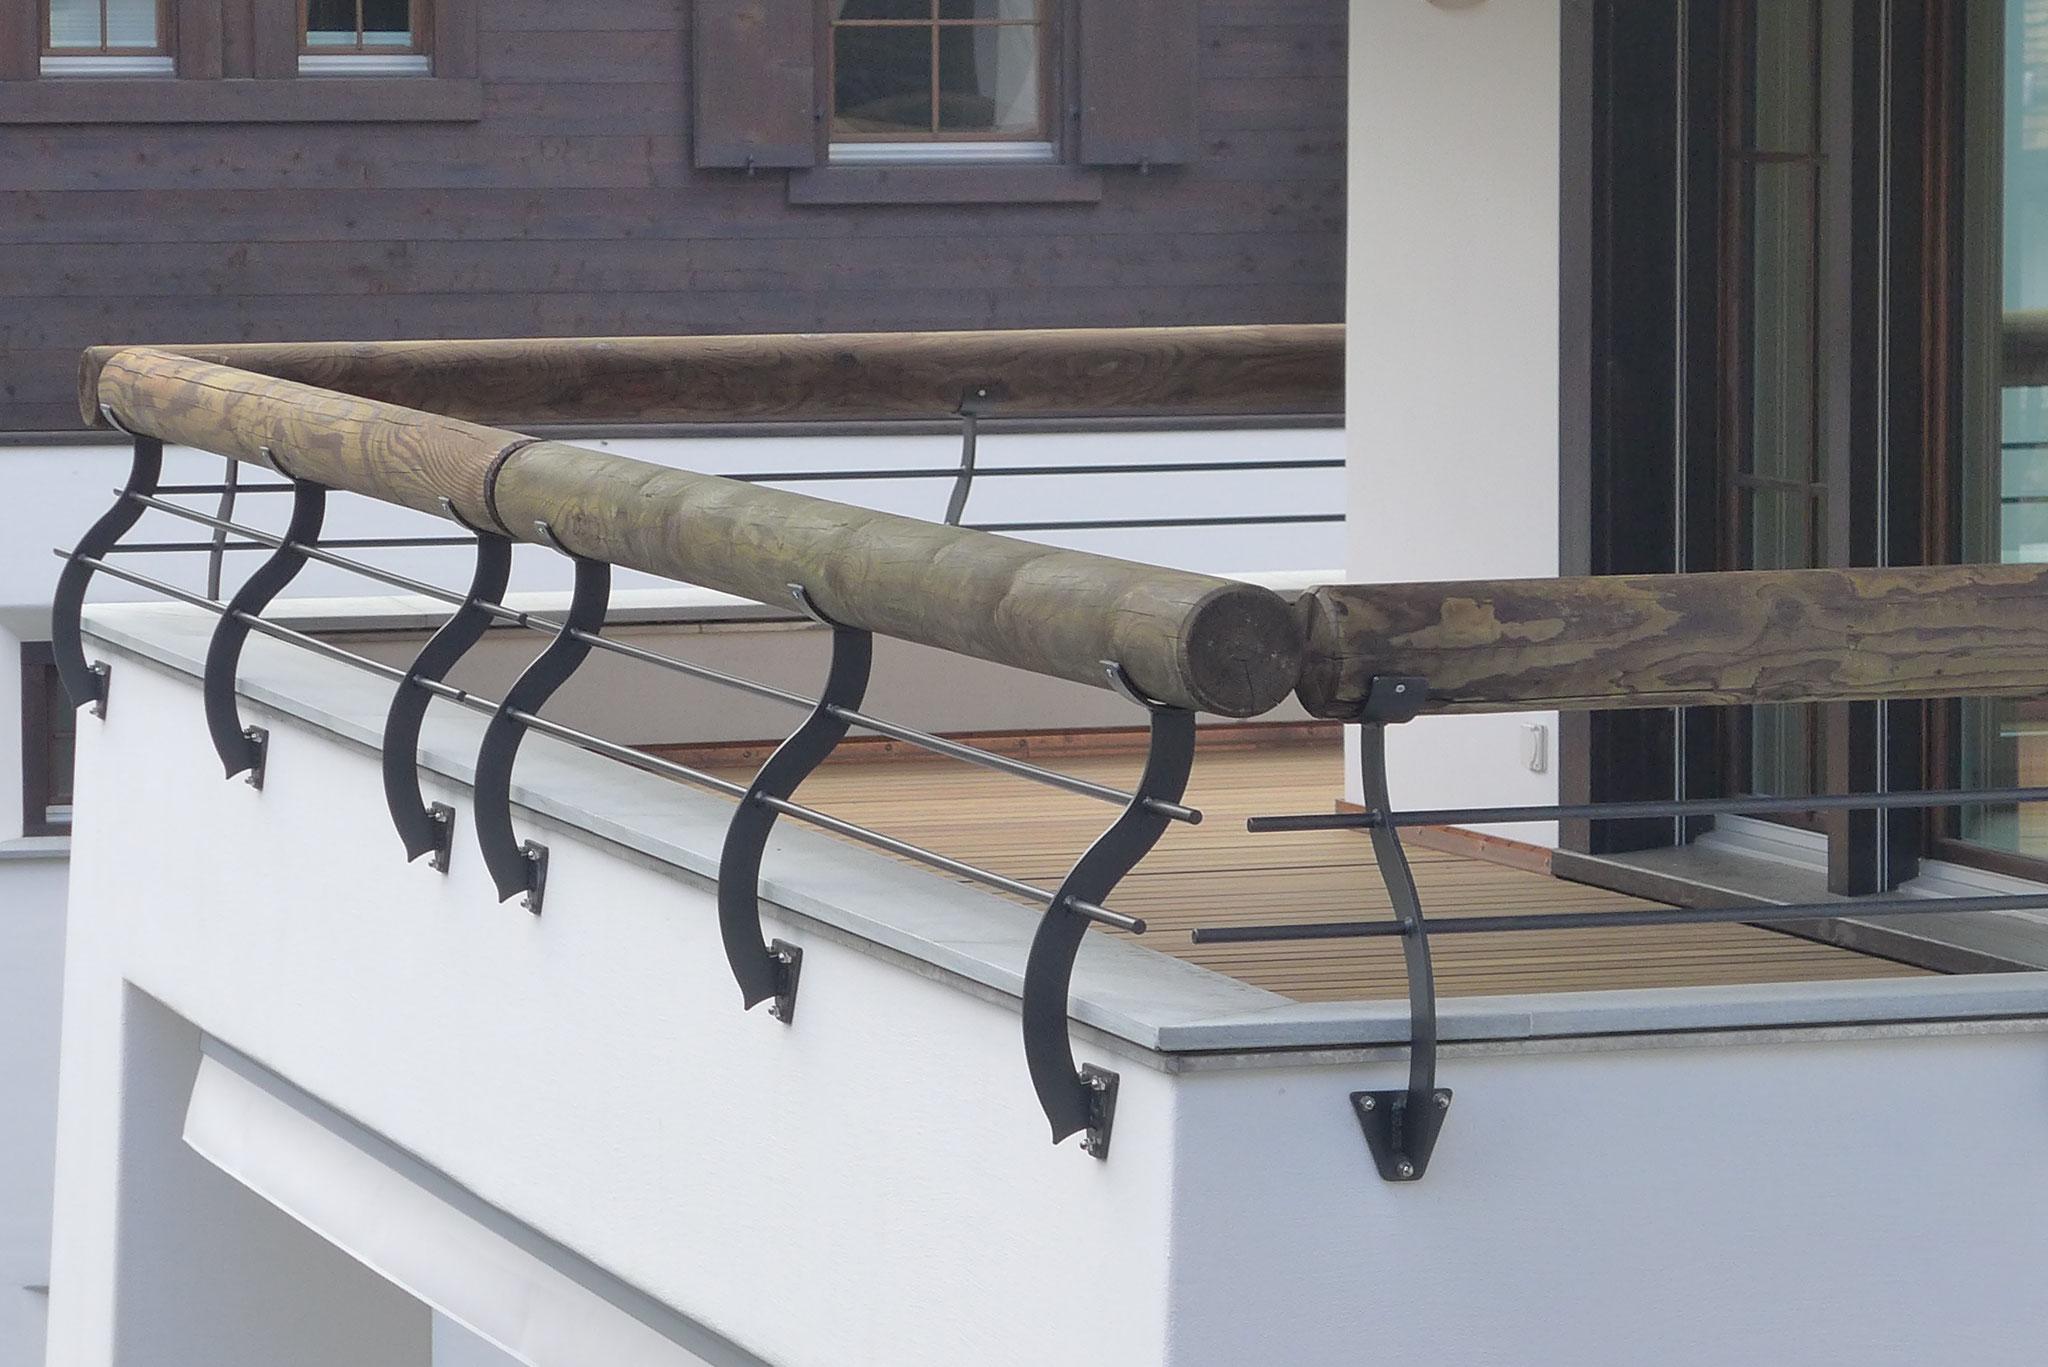 Geländer auf Balkon Brüstung